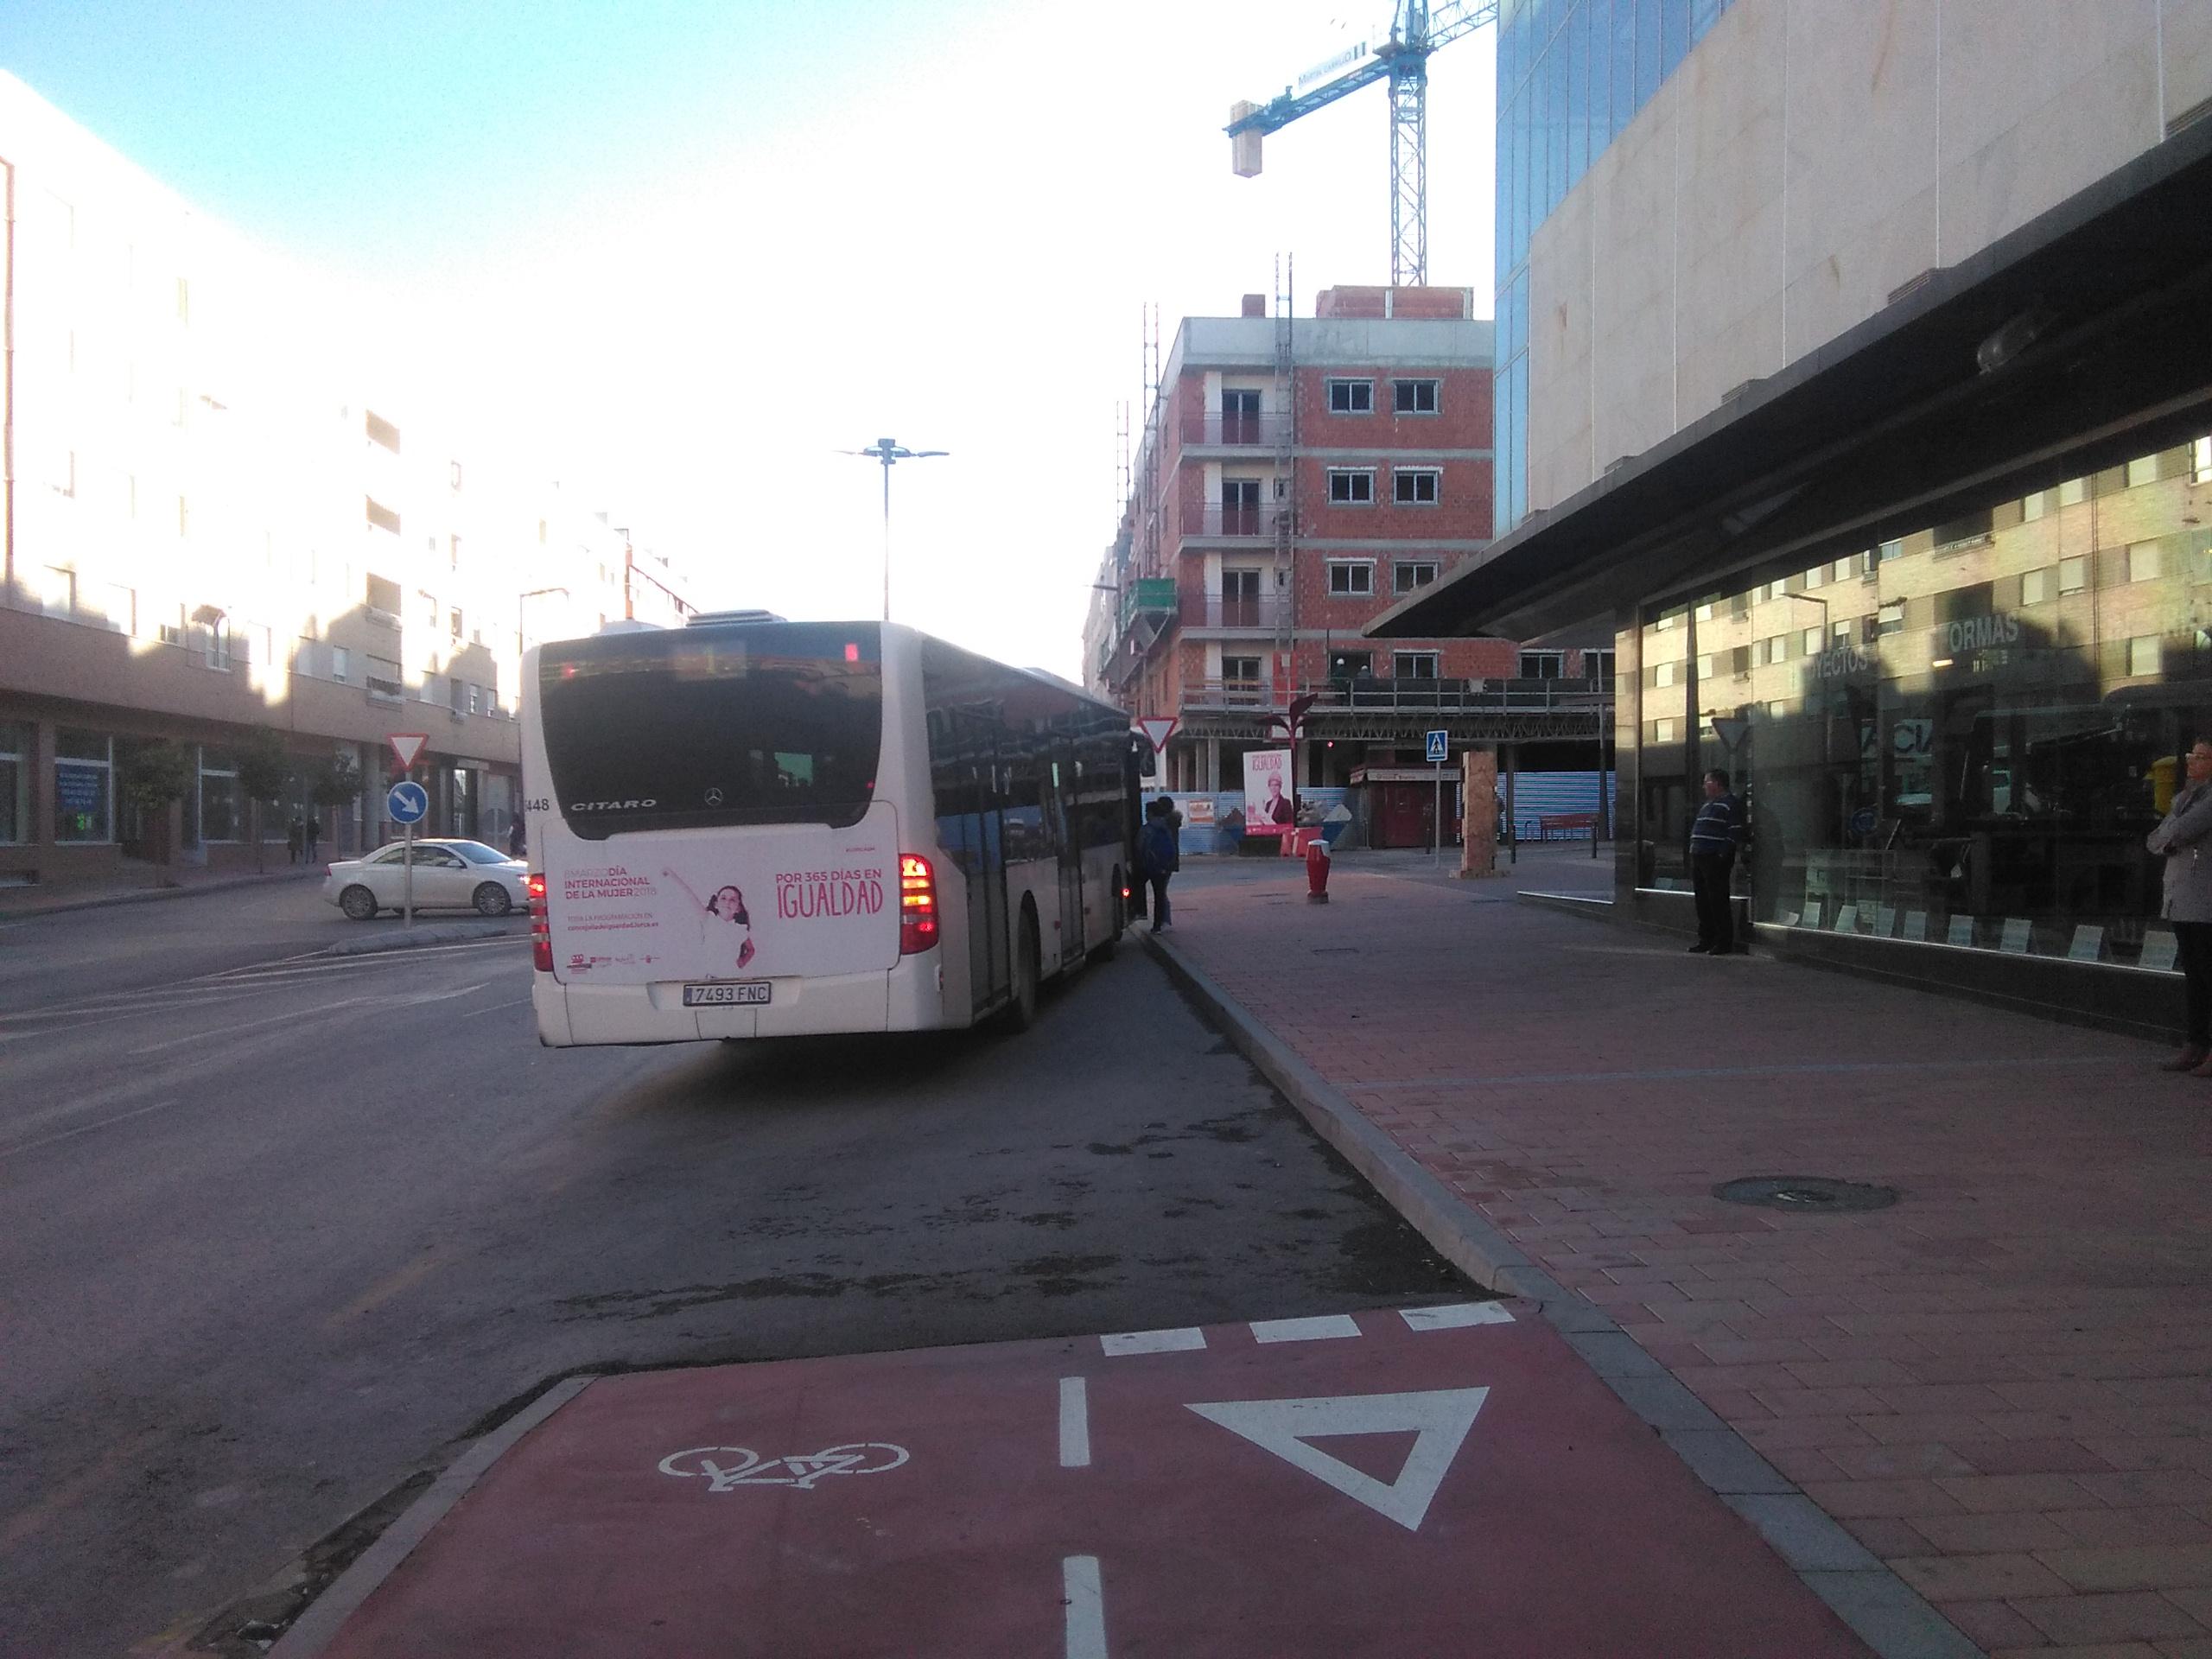 El PSOE denuncia la pasividad e incapacidad del PP para renovar y modernizar el transporte urbano, que lo ha convertido en un servicio fantasma